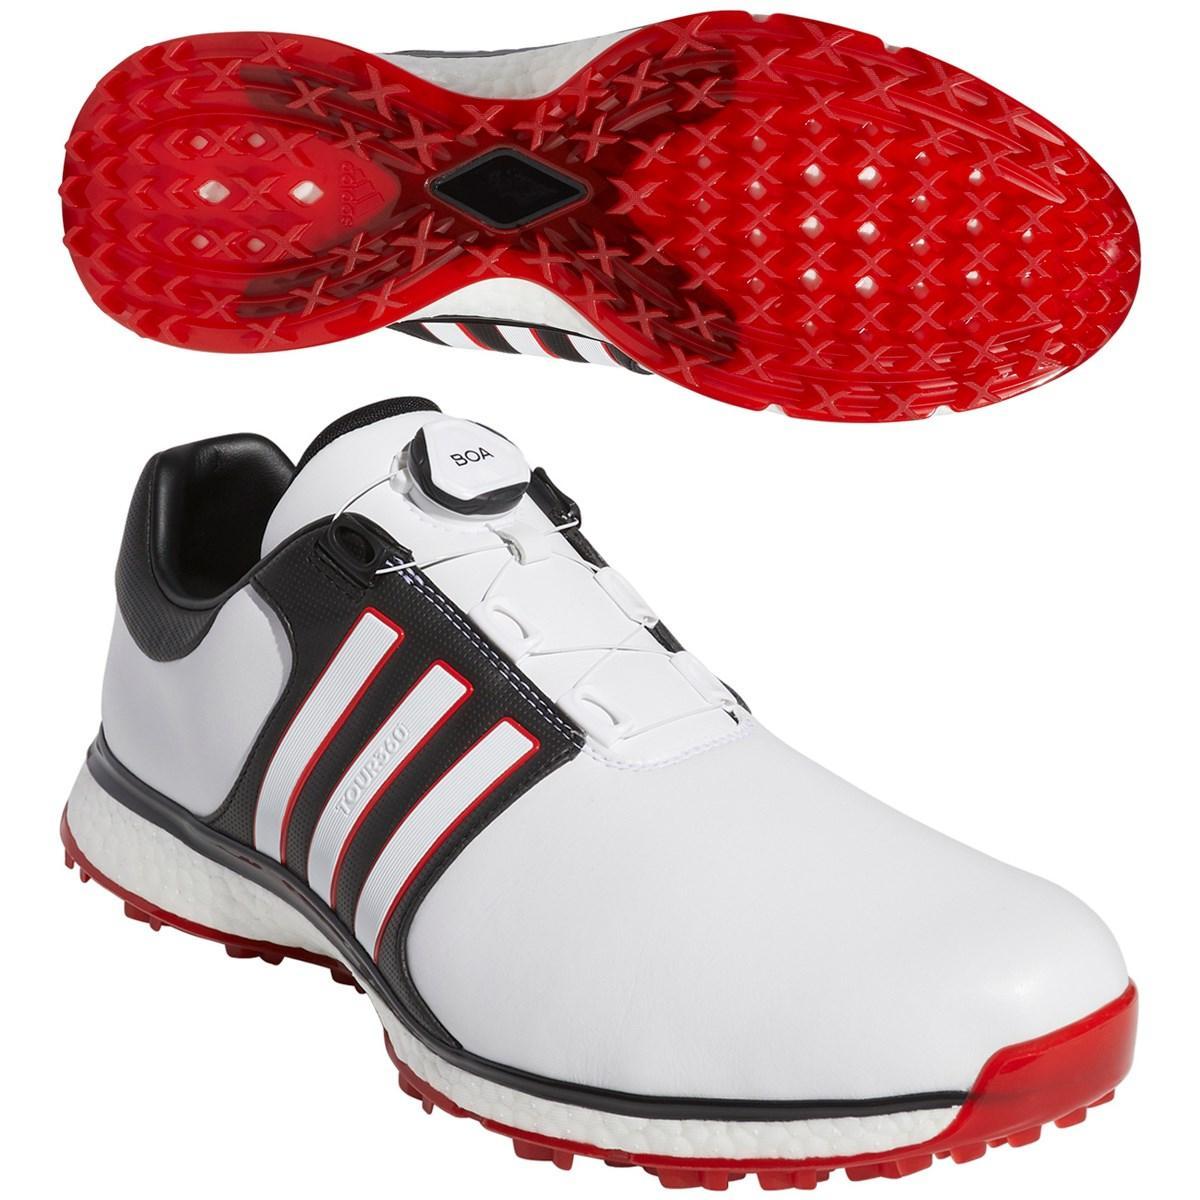 【父の日ギフト】アディダス Adidas ツアー360 XT スパイクレス ボア シューズ [ゴルフ シューズ スパイクレス 靴 メンズ 即納 あす楽]